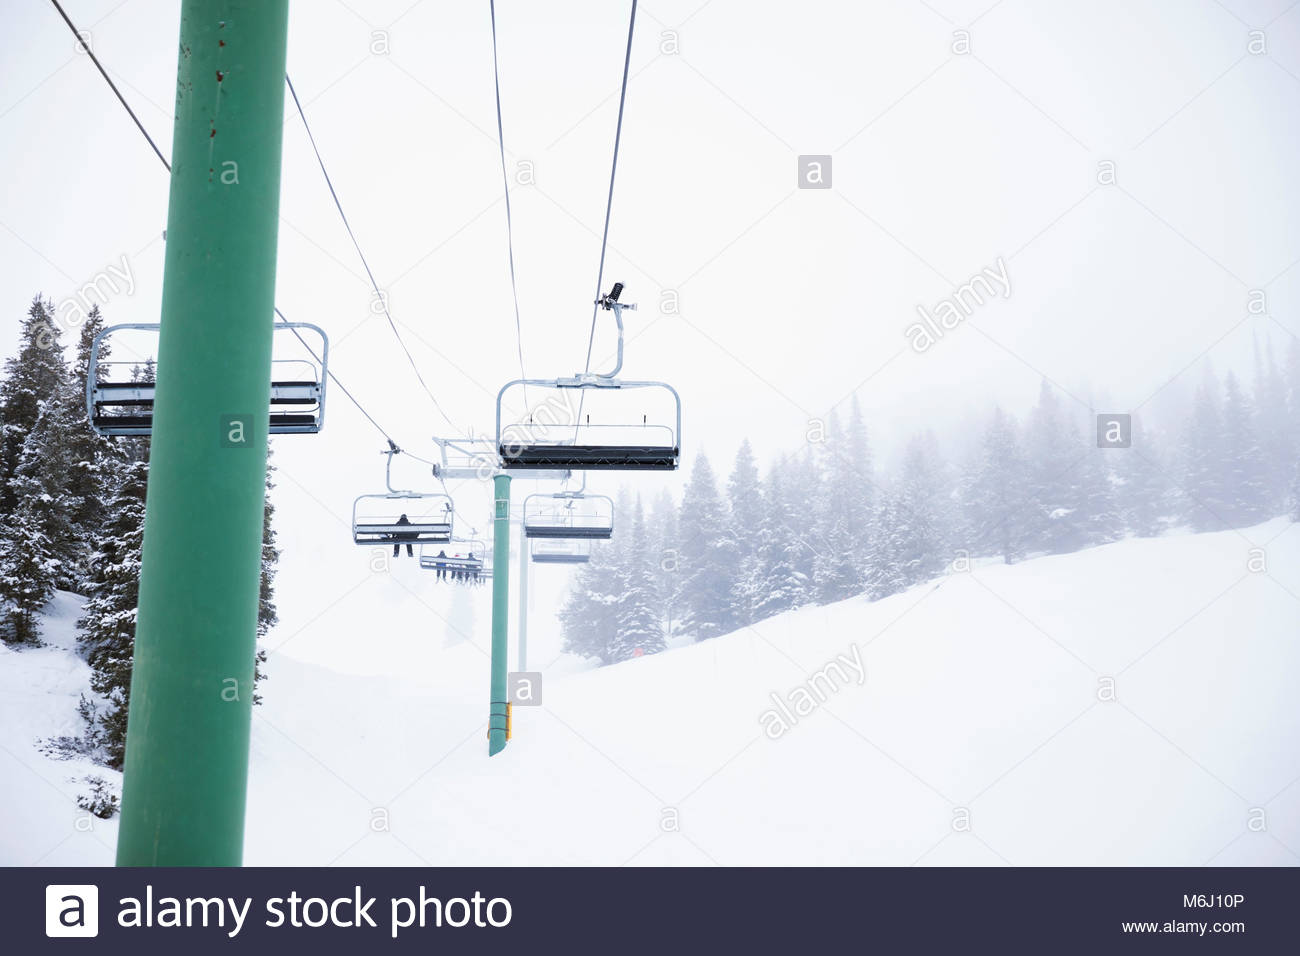 Skifahrer auf Sessellift über verschneite Landschaft am Ski Resort Stockbild